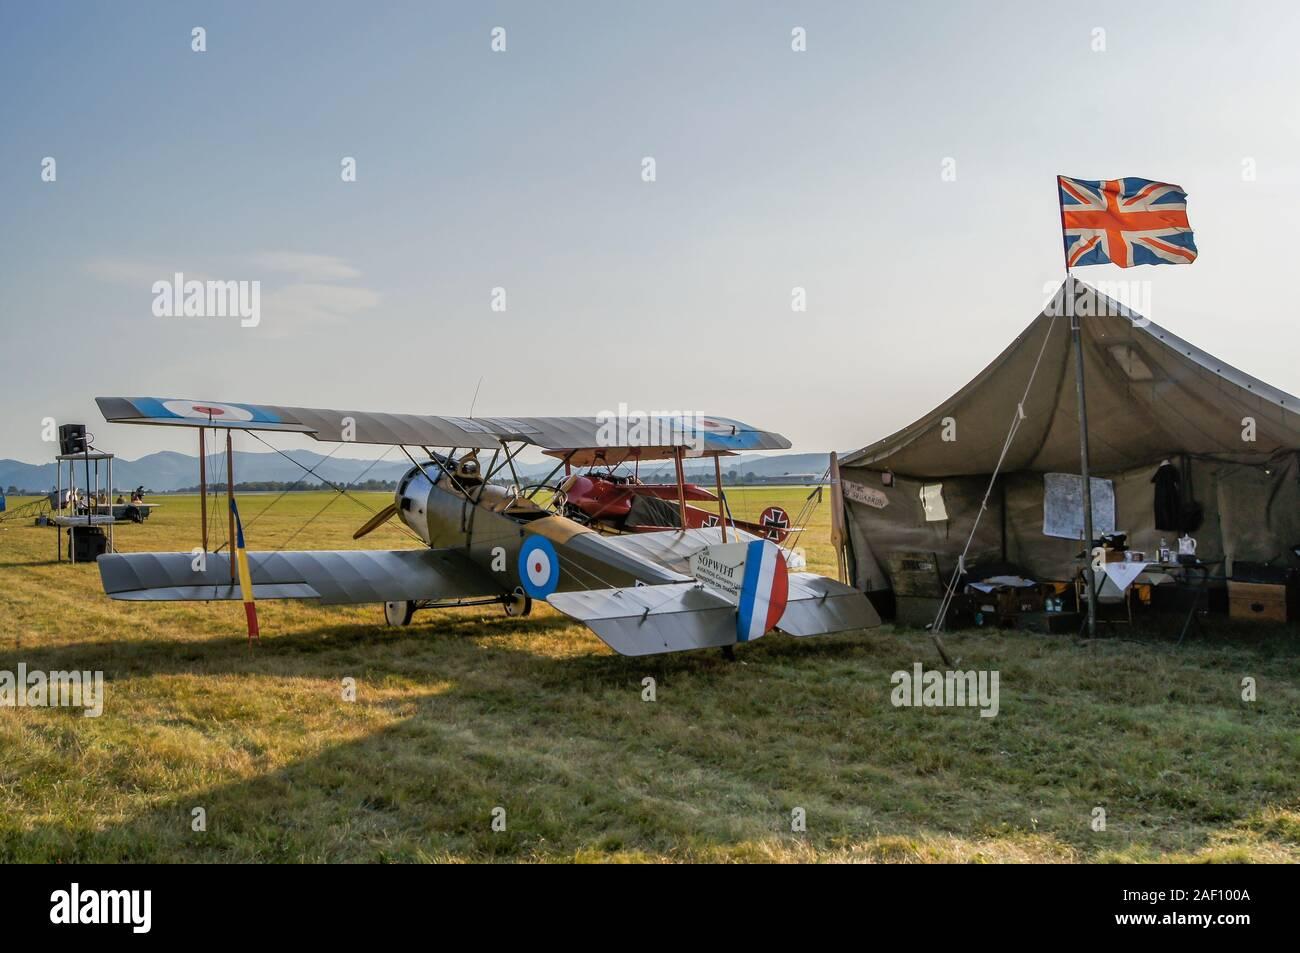 La Sopwith 1 1/2 Strutter avion à la tente militaire FAHI Airhow, Sliac Slovaquie, 2017 Banque D'Images